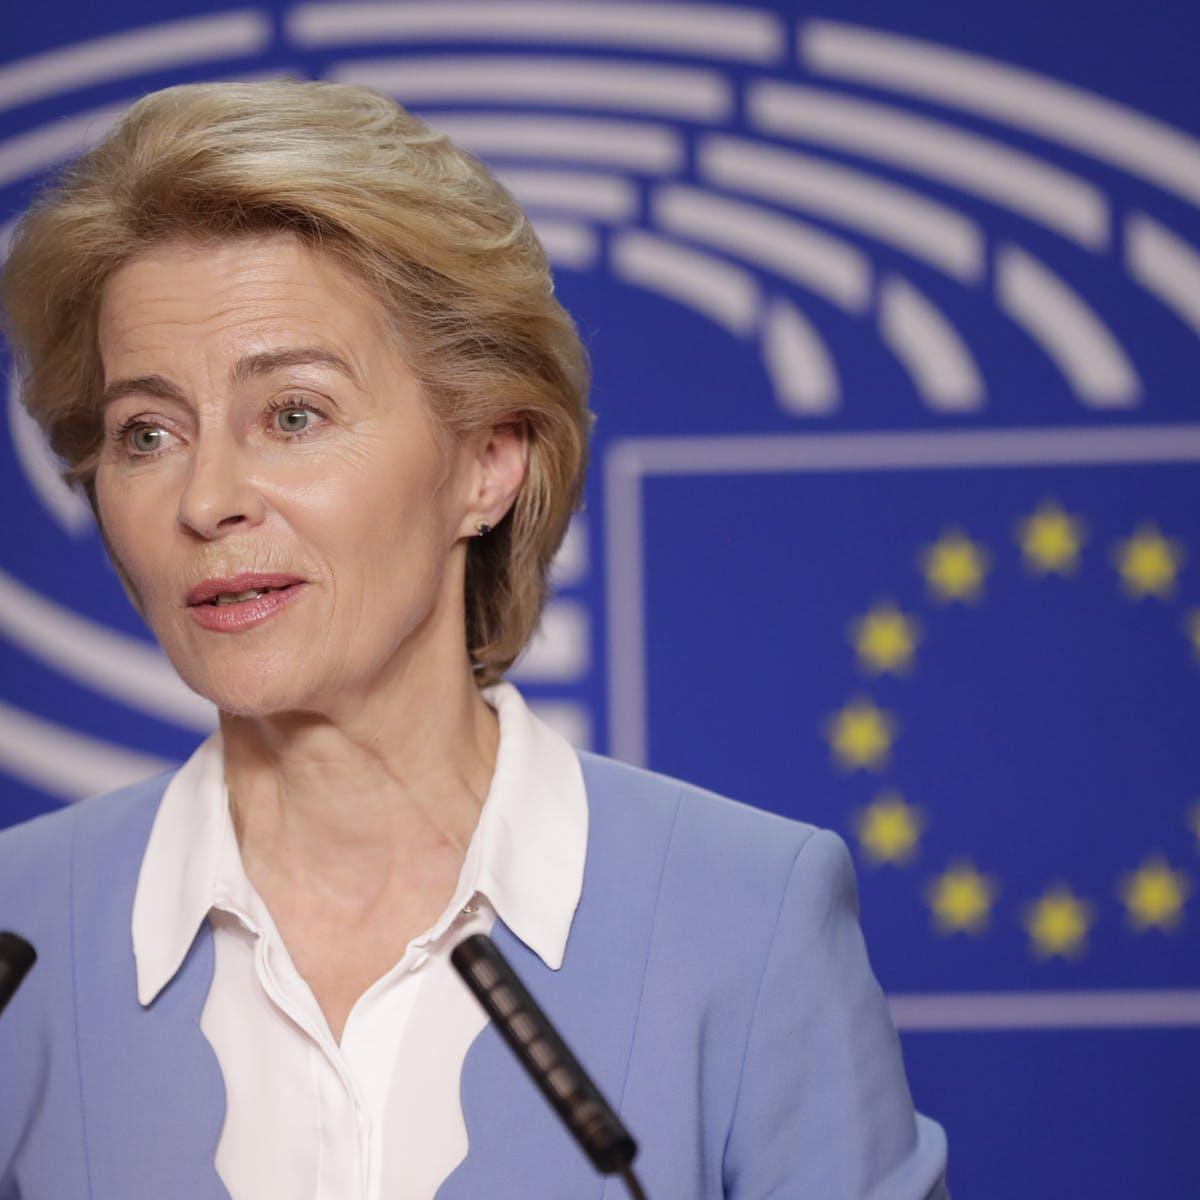 Recauda Comisión Europa 8 mil mdd para hallar vacuna contra Covid-19